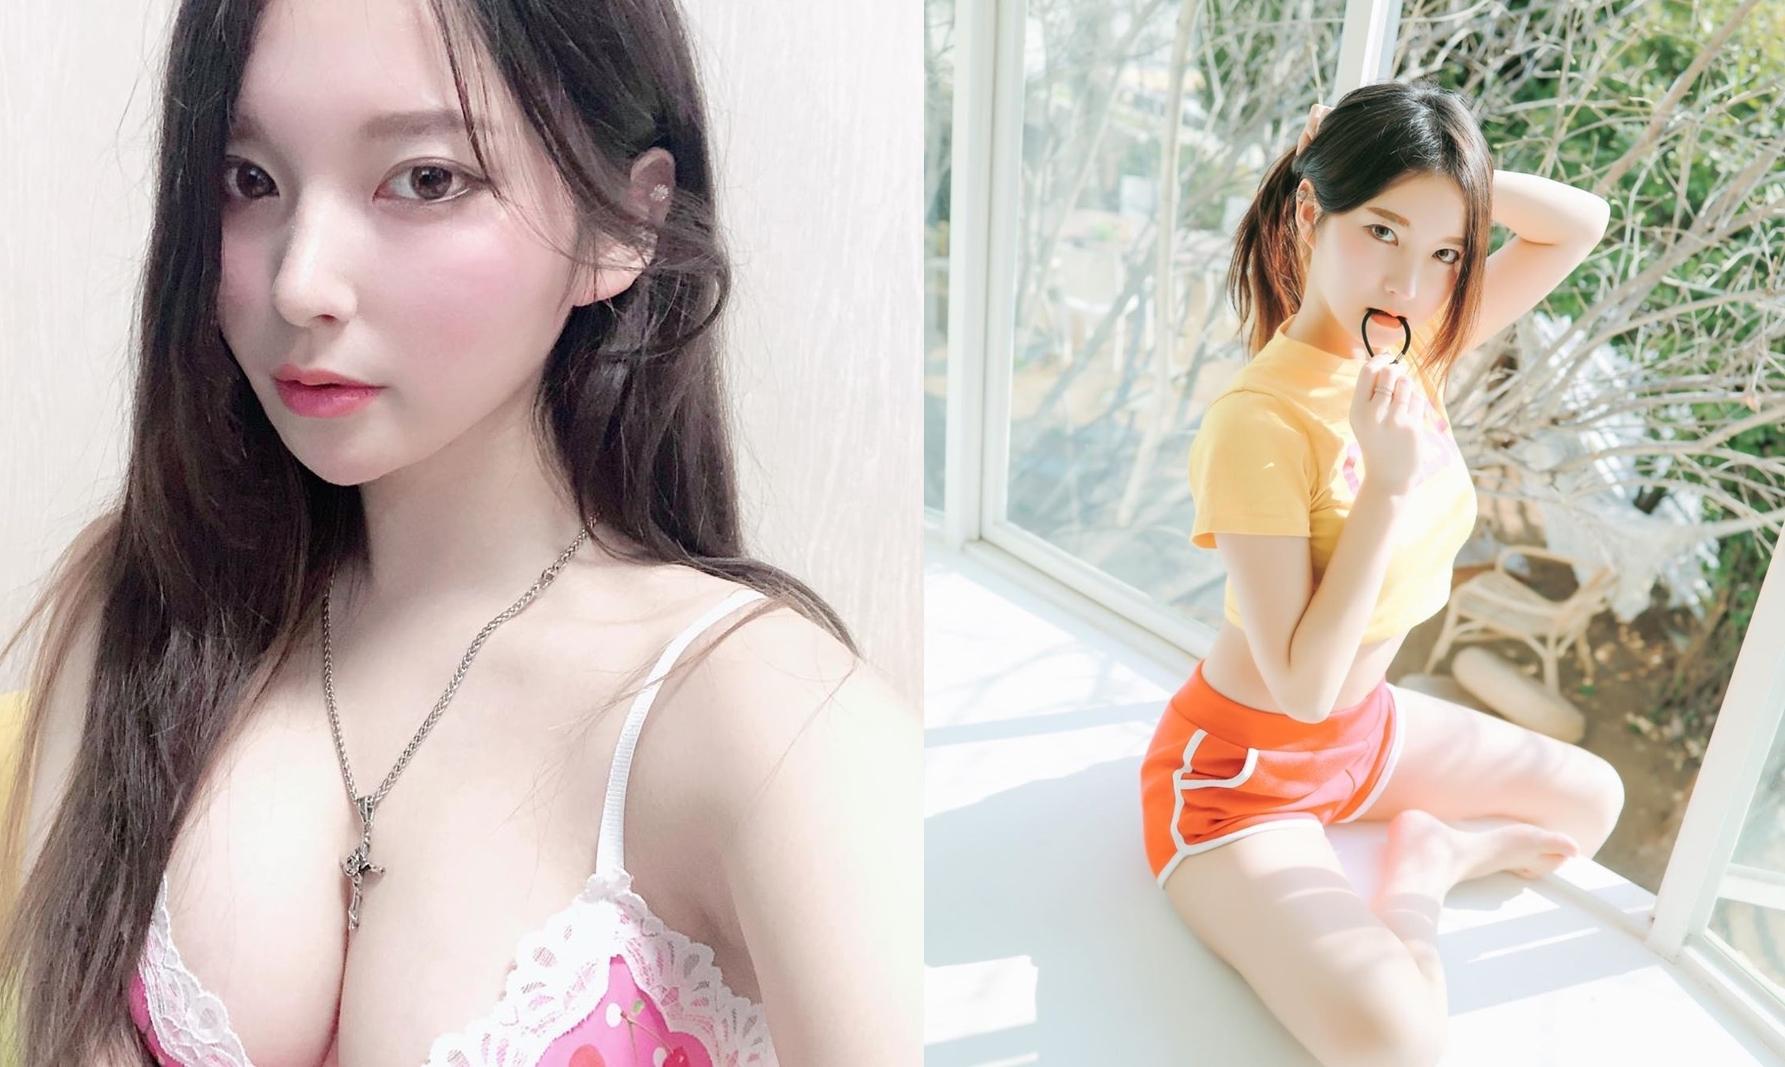 豪乳网拍老板娘「아리니 봇」外型美艳身材好 贴身T「不科学包覆」乳型外露